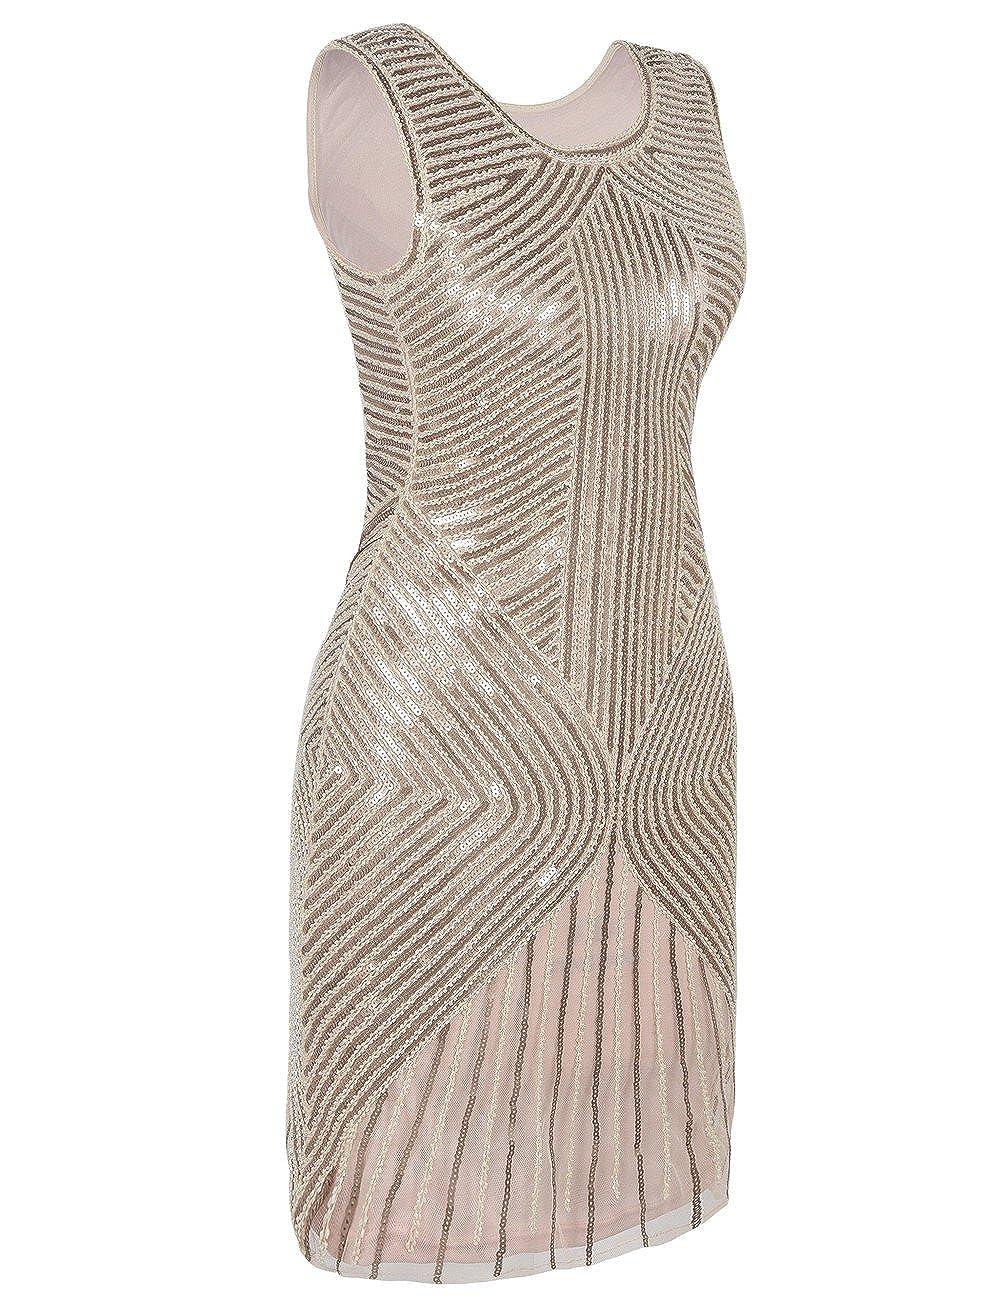 Kayamiya Womens 1920s Dress Beaded Sequined Embellished Flapper Evening Dress: Amazon.co.uk: Clothing